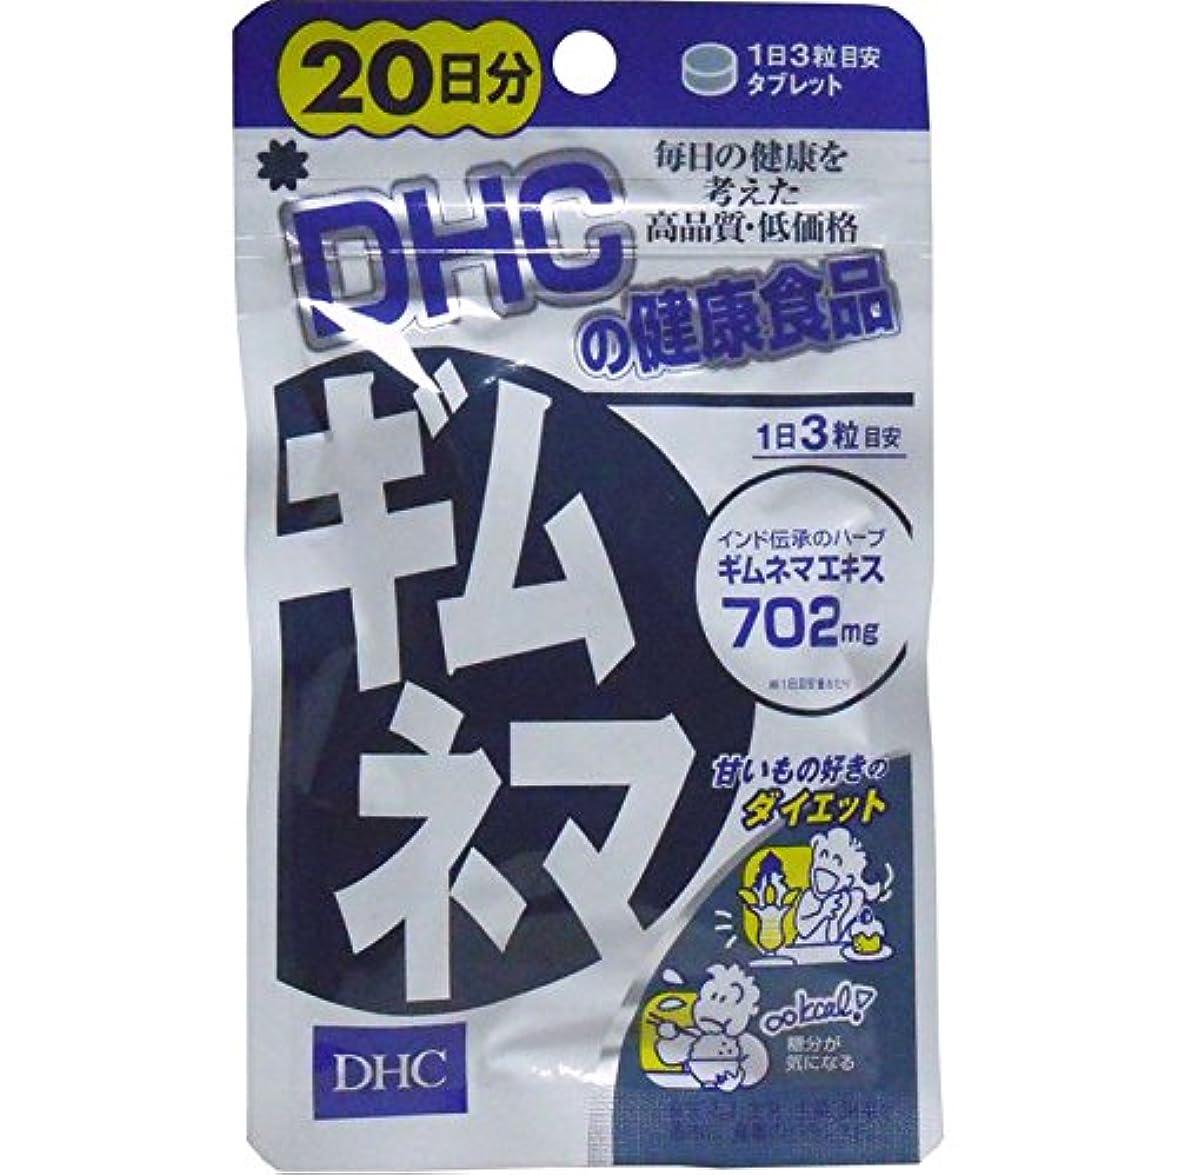 ティーンエイジャー導入する発掘する余分な糖分をブロック DHC ギムネマ 20日分 60粒